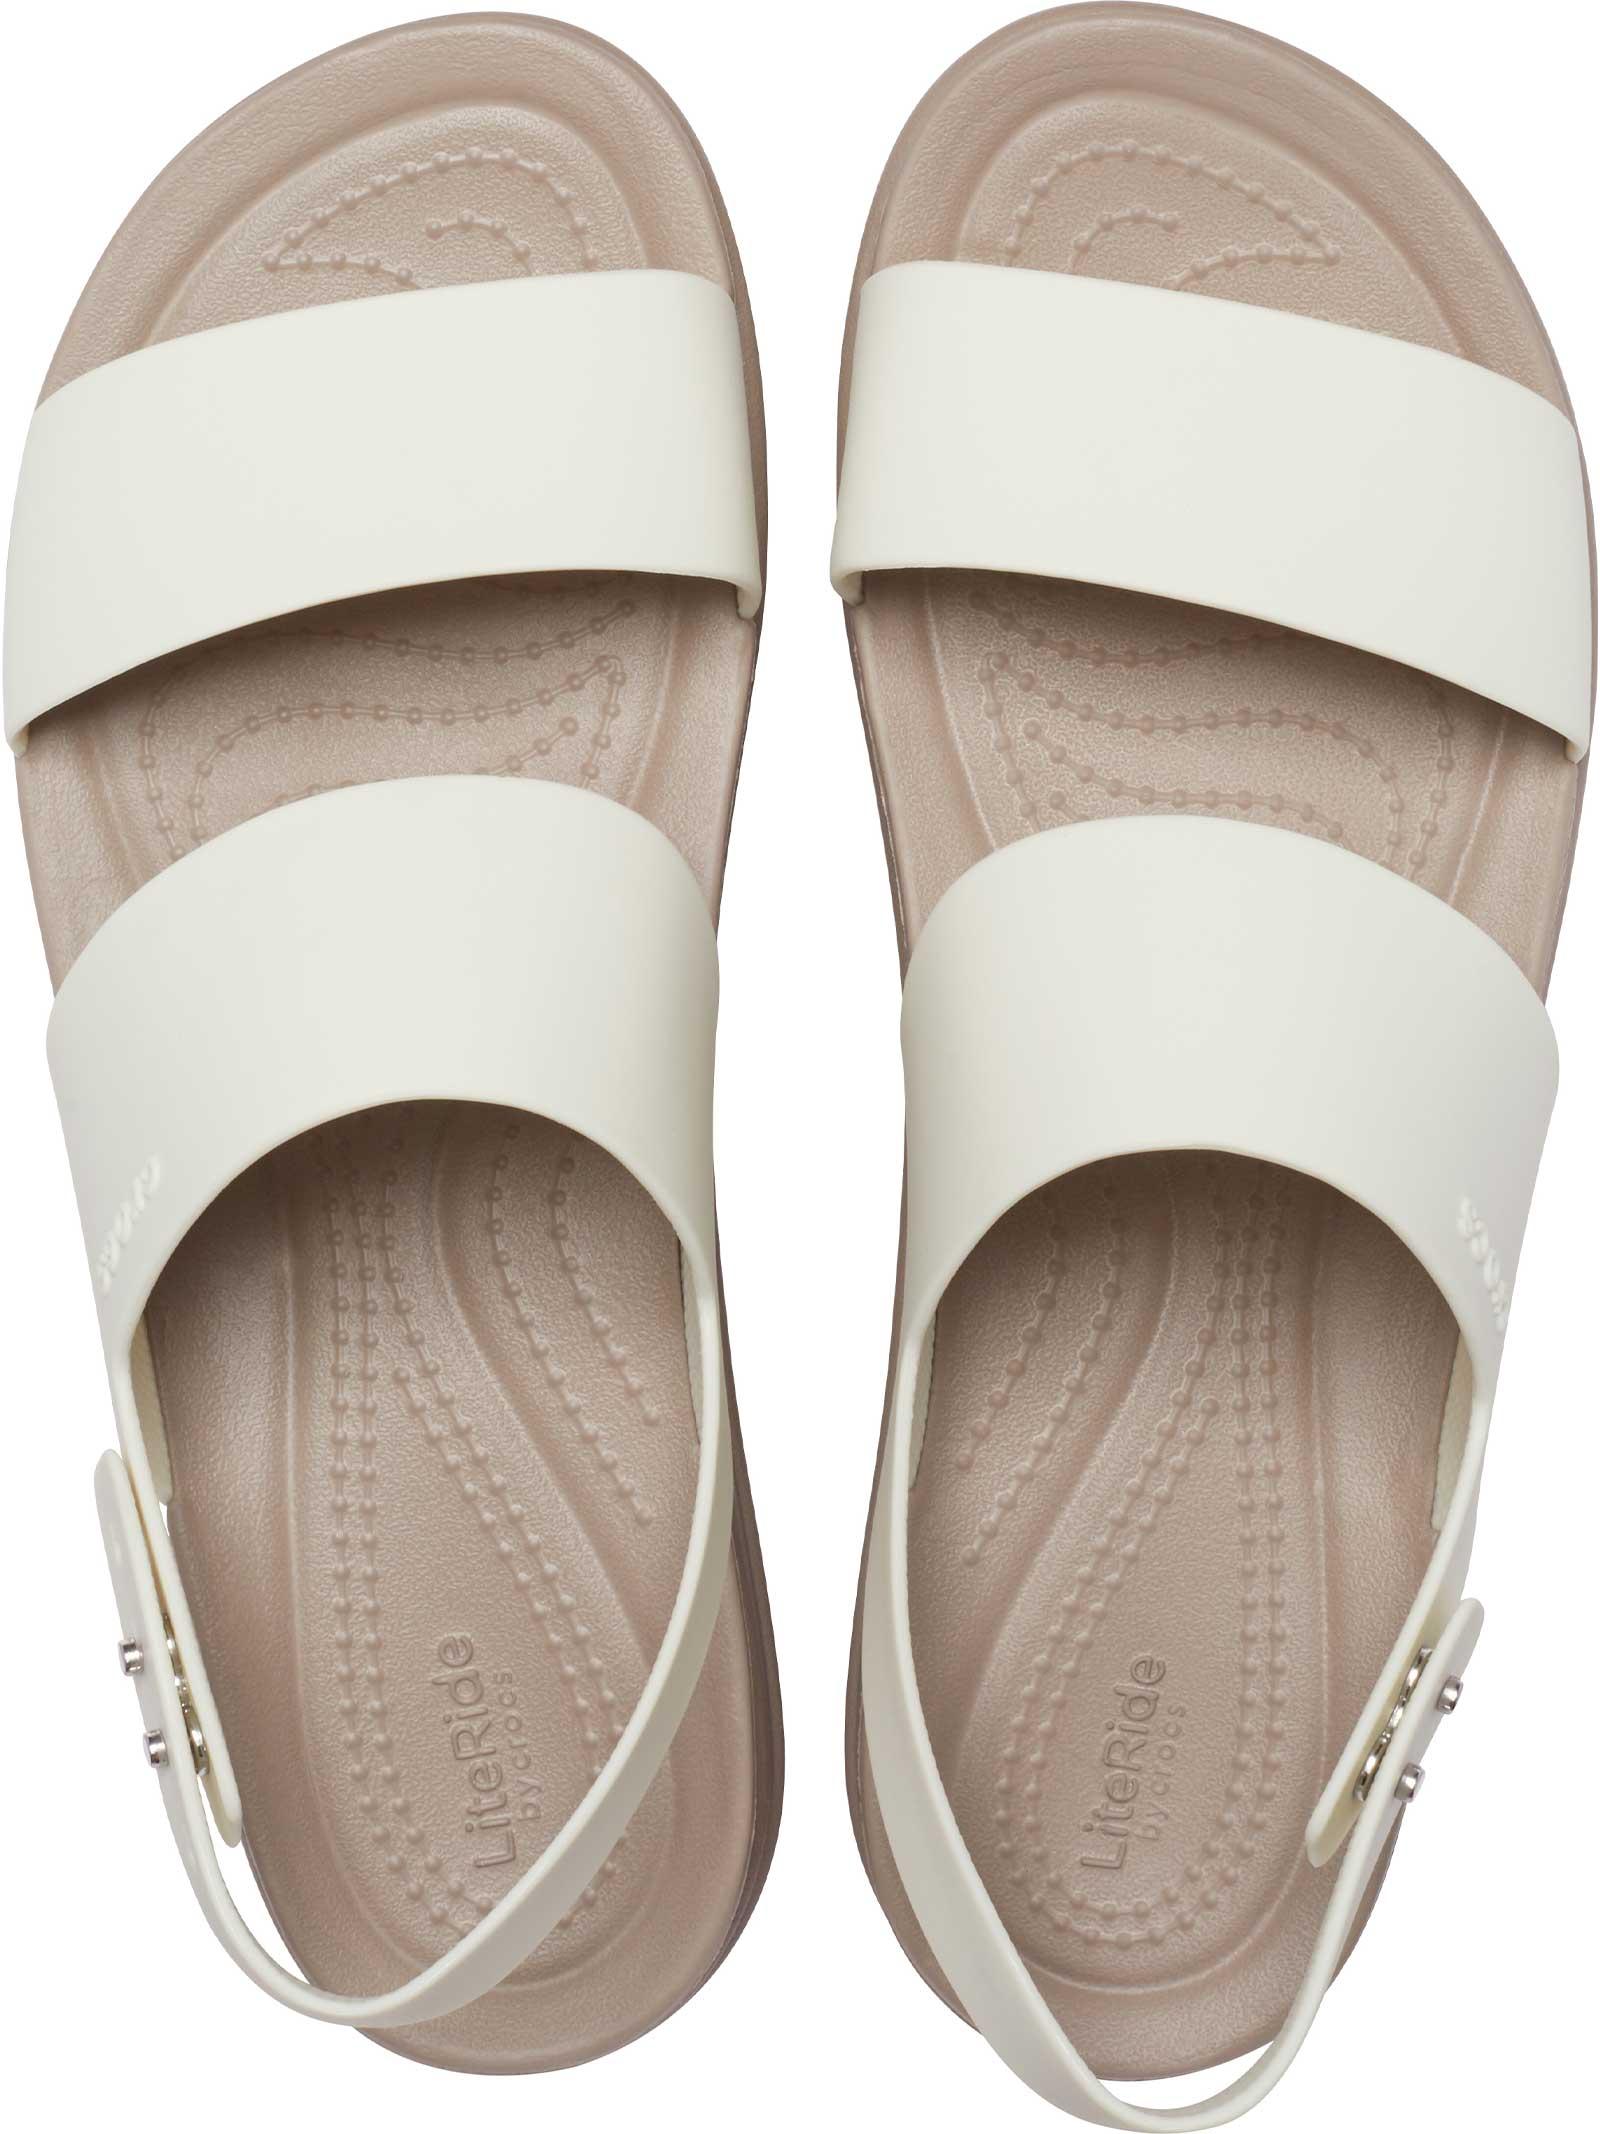 SANDALO DONNA CROCS   Sandalo   206453159